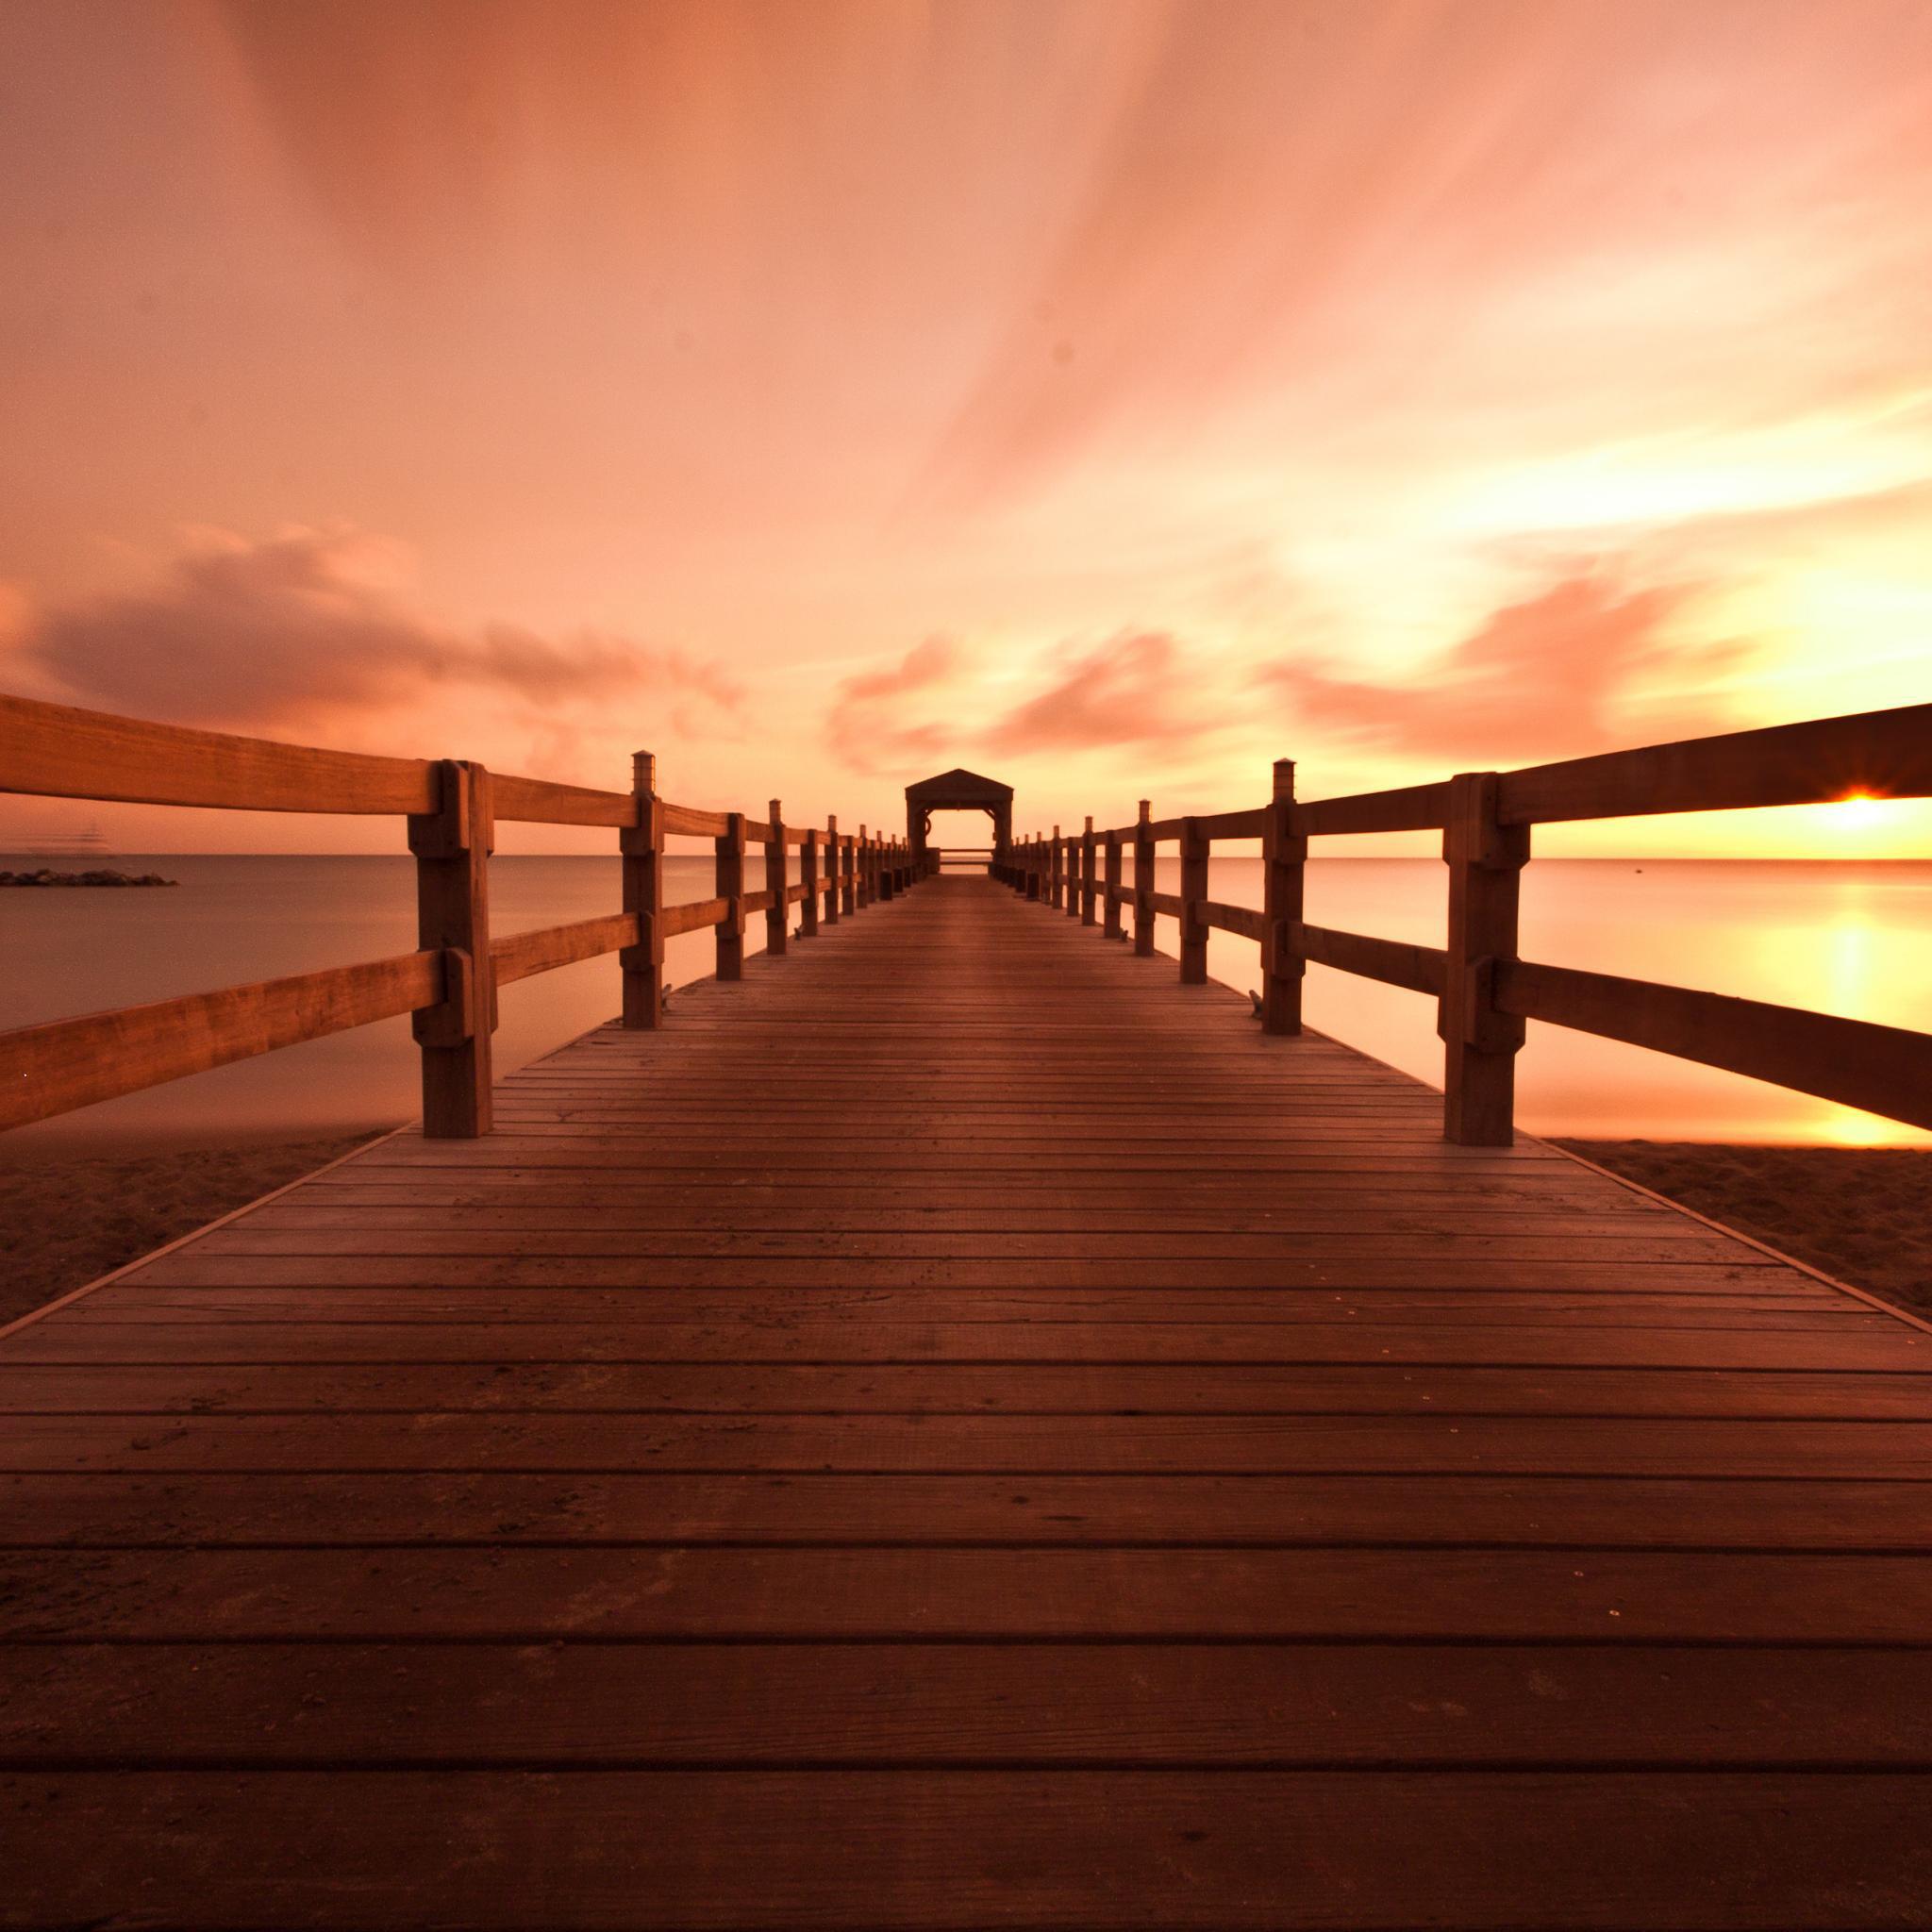 Nature-Sunset-3Wallpapers-iPad-Retina